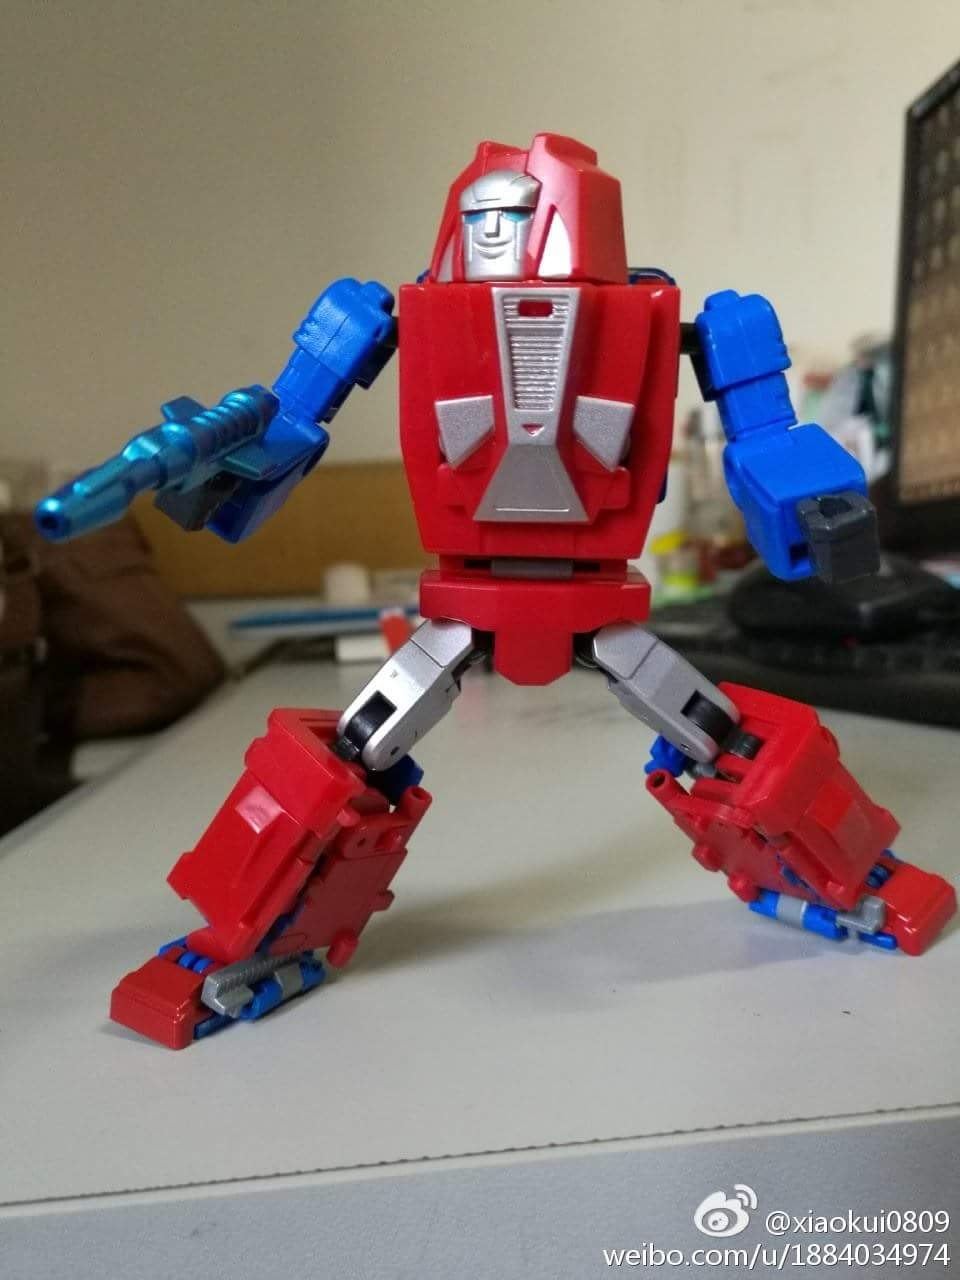 [BadCube] Produit Tiers - Minibots MP - Gamme OTS - Page 6 KRVrRcMa